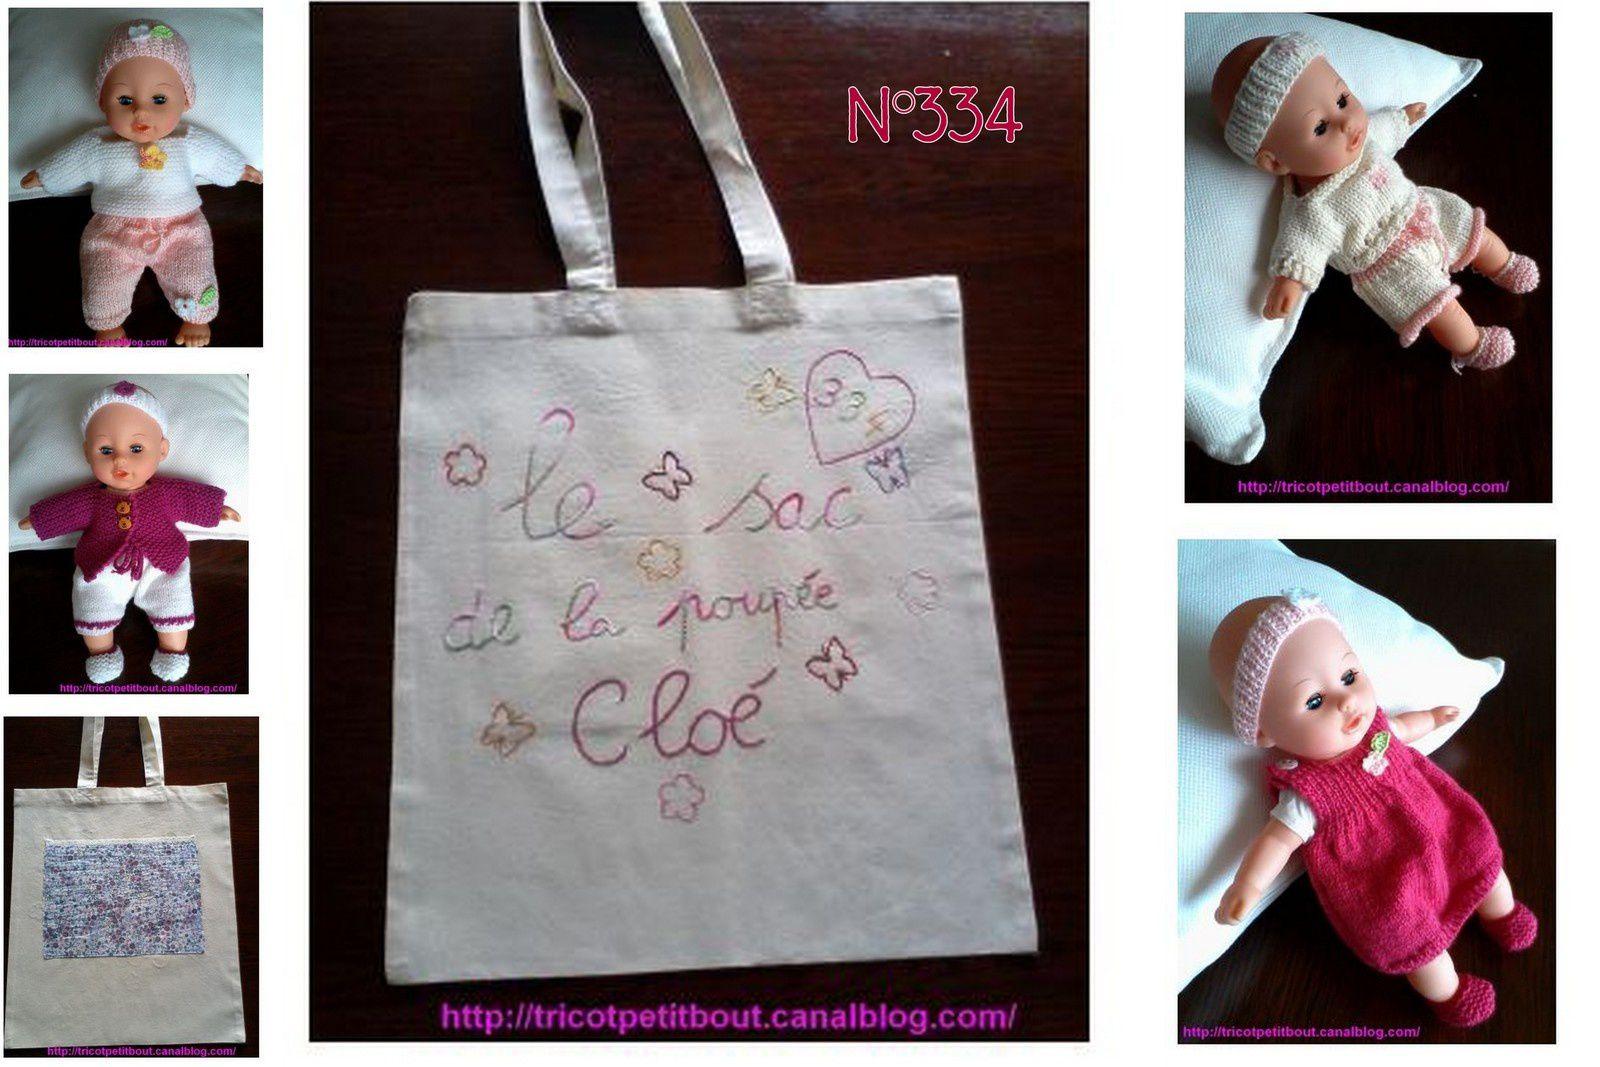 N°334 Le sac de la poupée Cloé : VENDU !